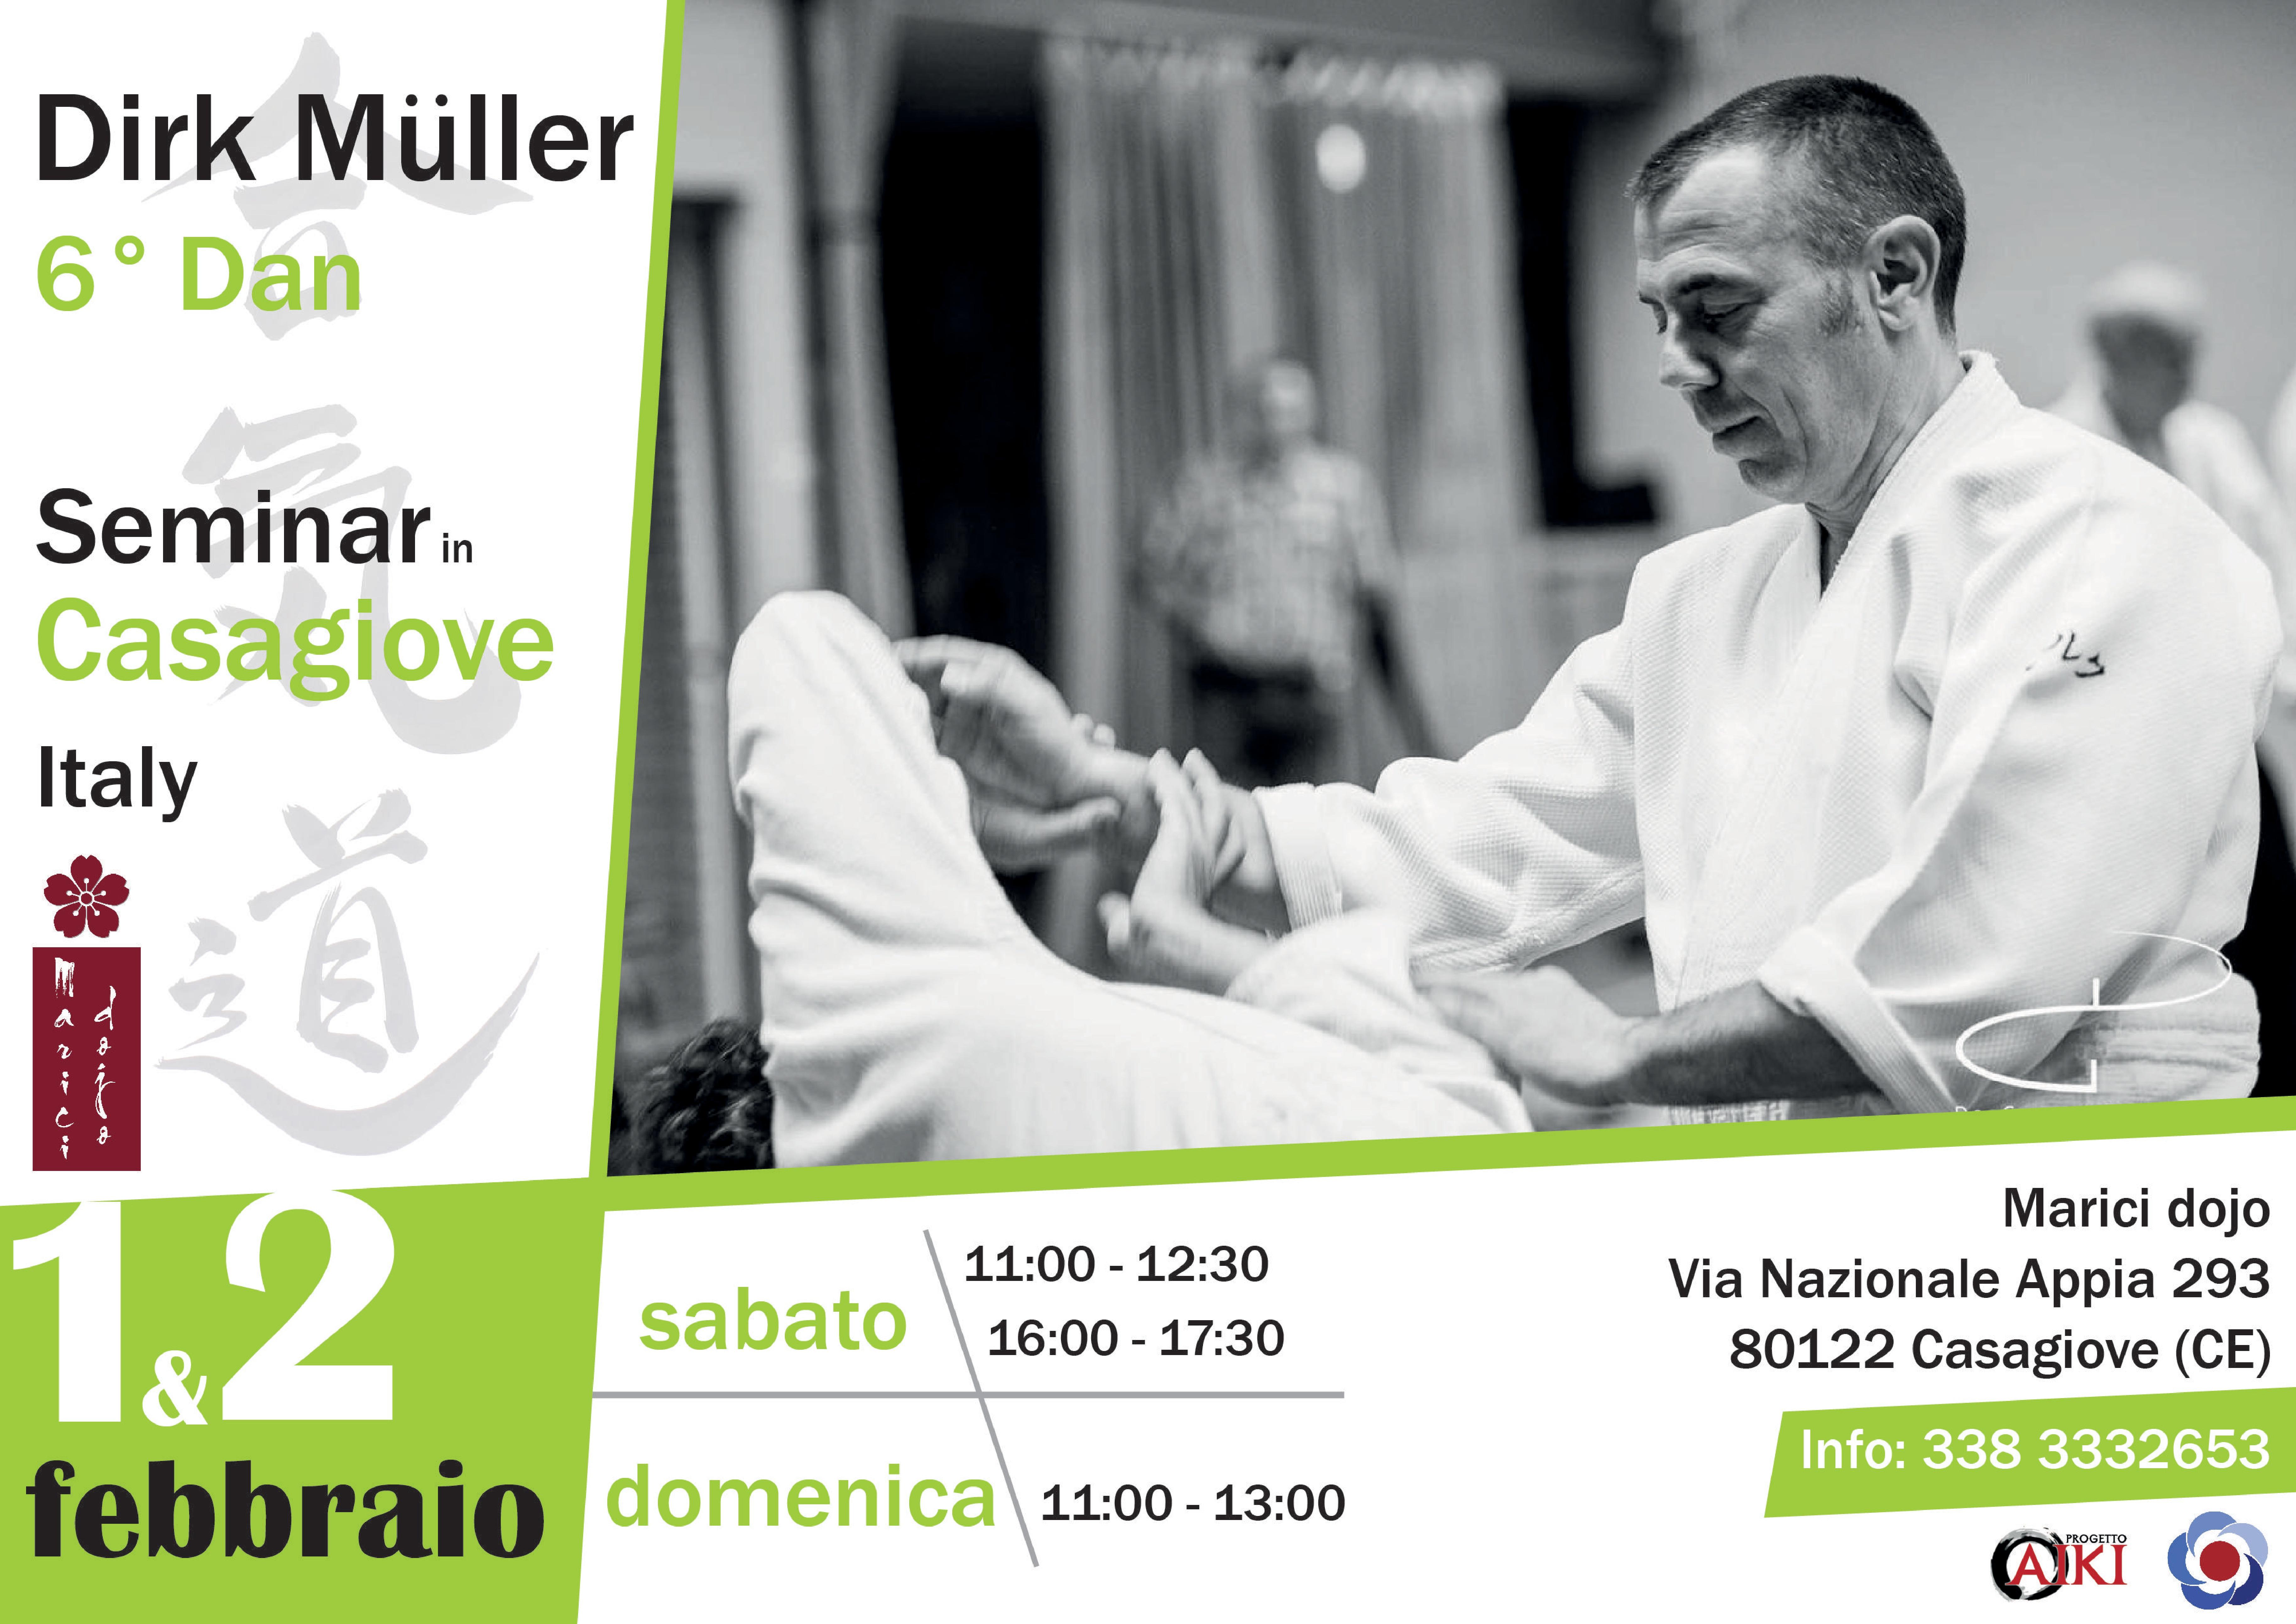 Stage di Aikido,Dirk Muller, CASAGIOVE (CE), Marici Dojo